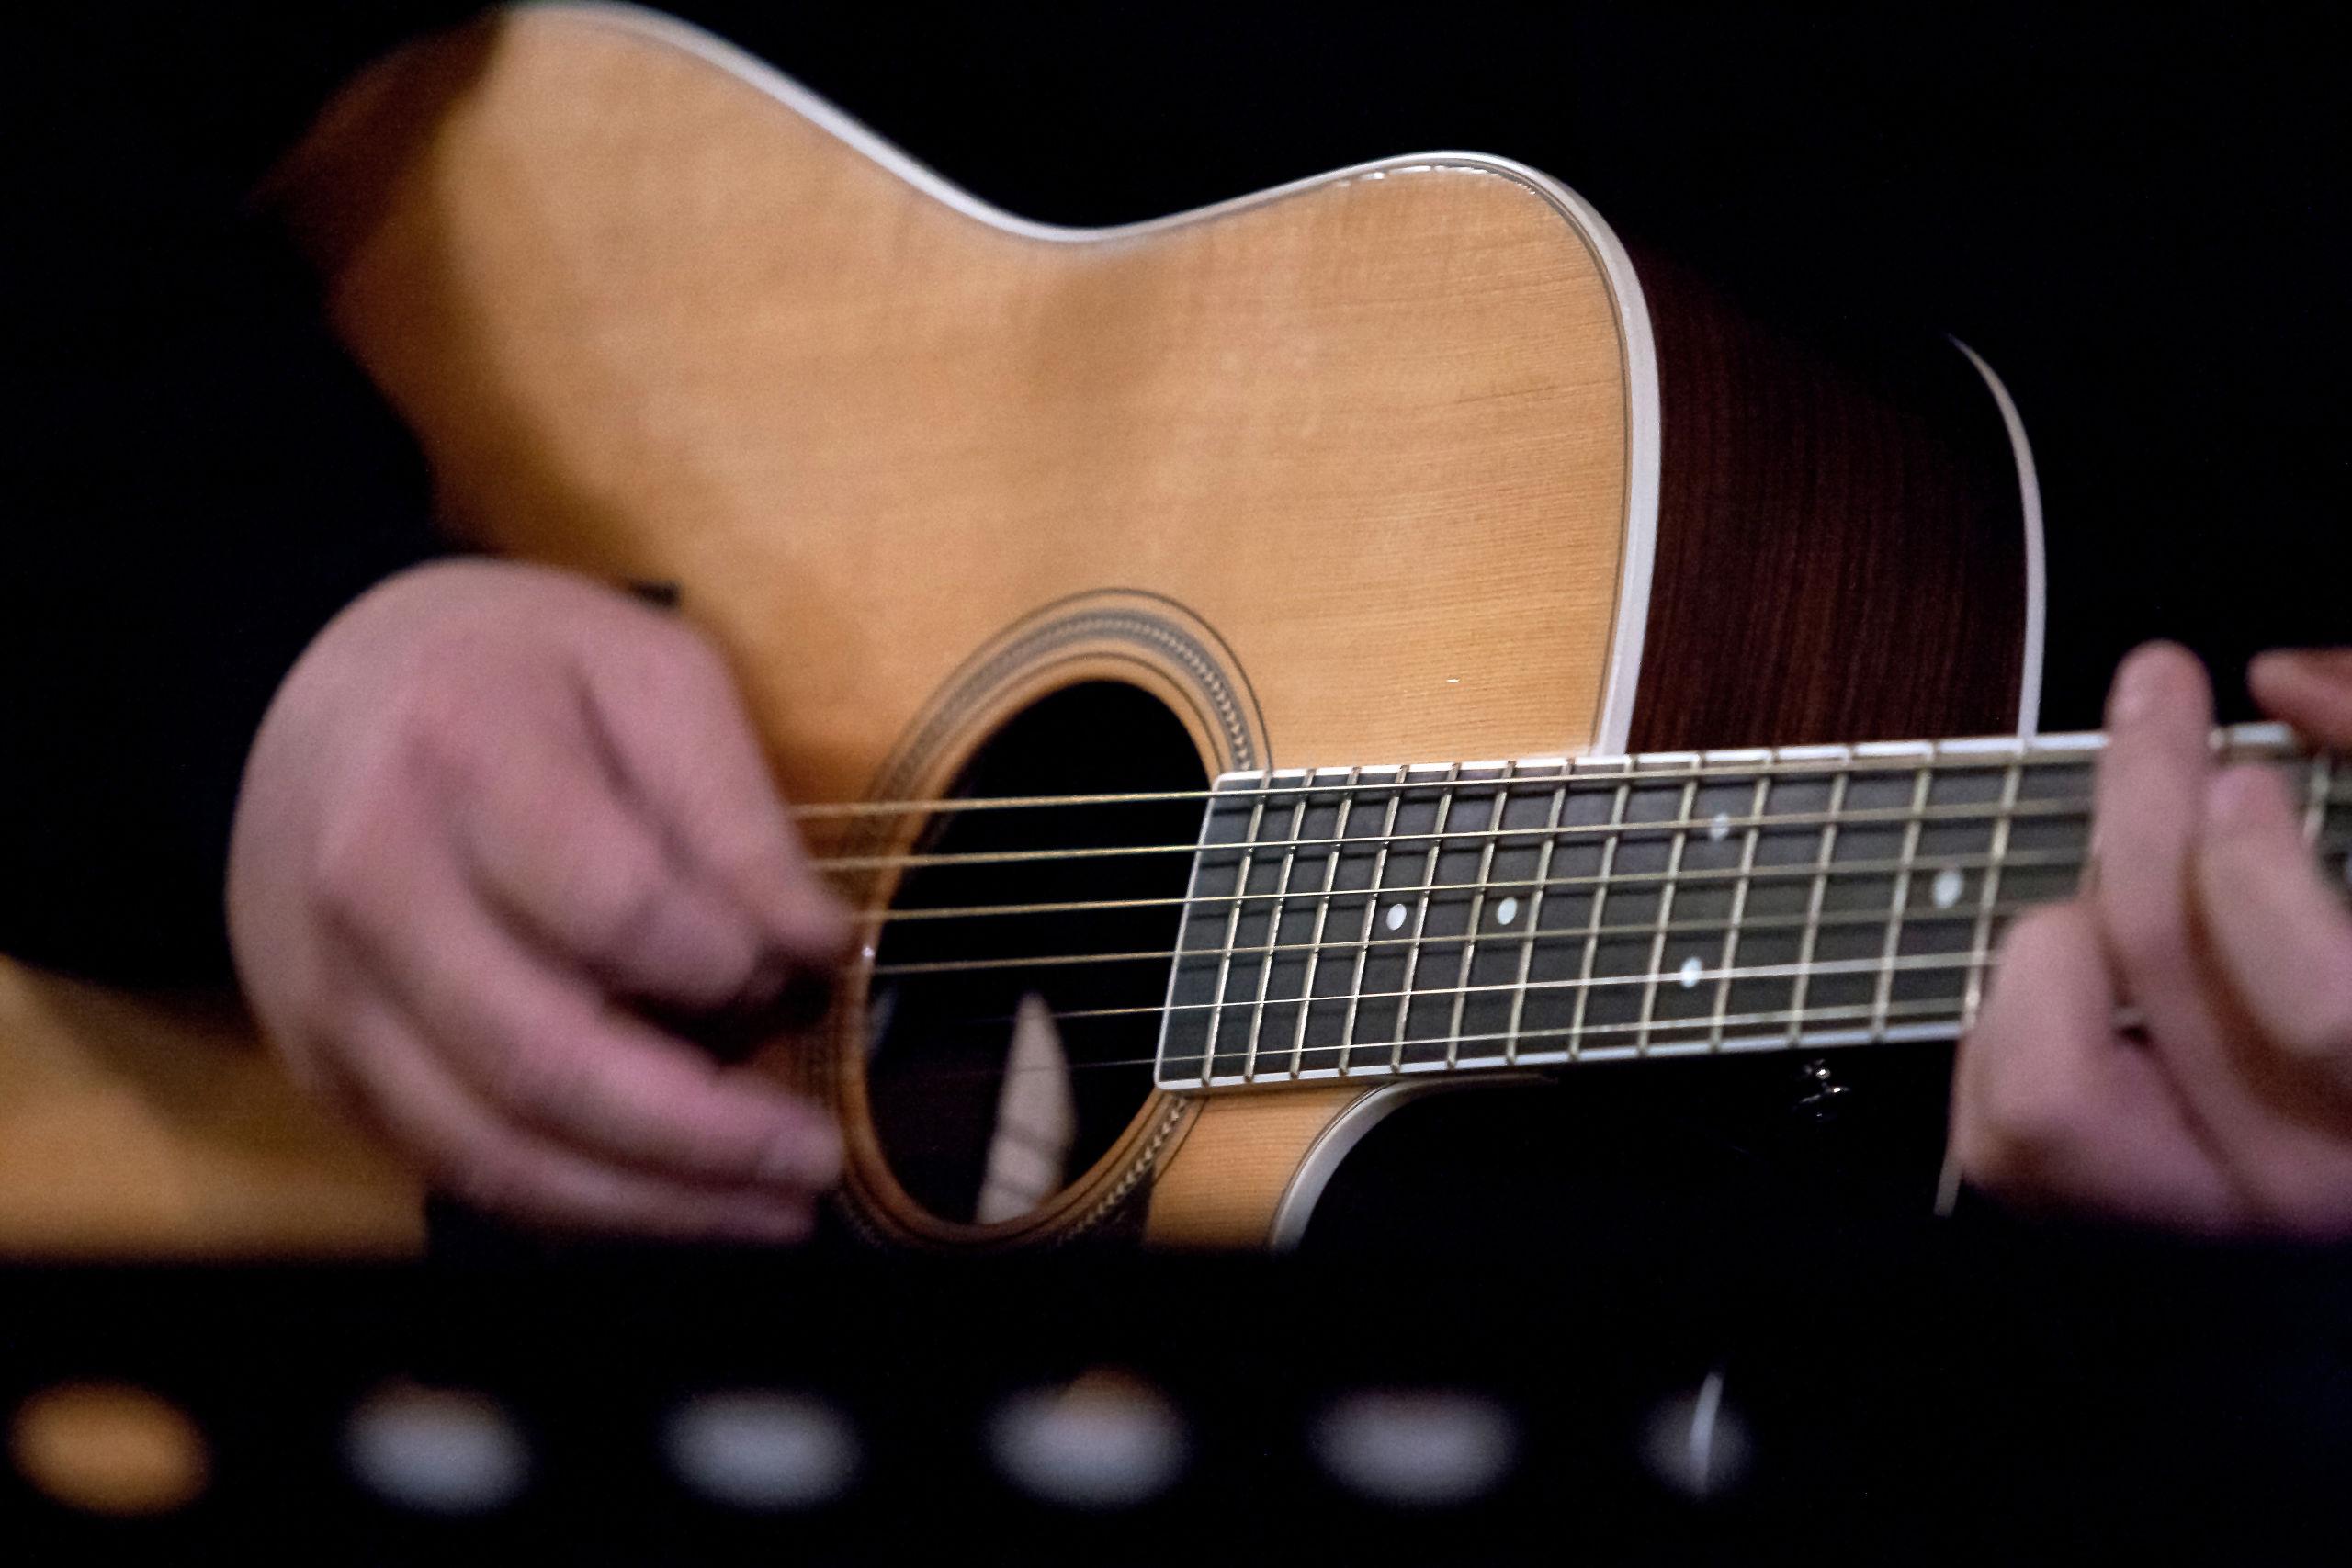 Der er Aalborg International Guitarfestival i denne uge og et hav af klassiske guitarister spiller koncert - bl.a. på søndag i Utzon. Arkivfoto: Bo Lehm